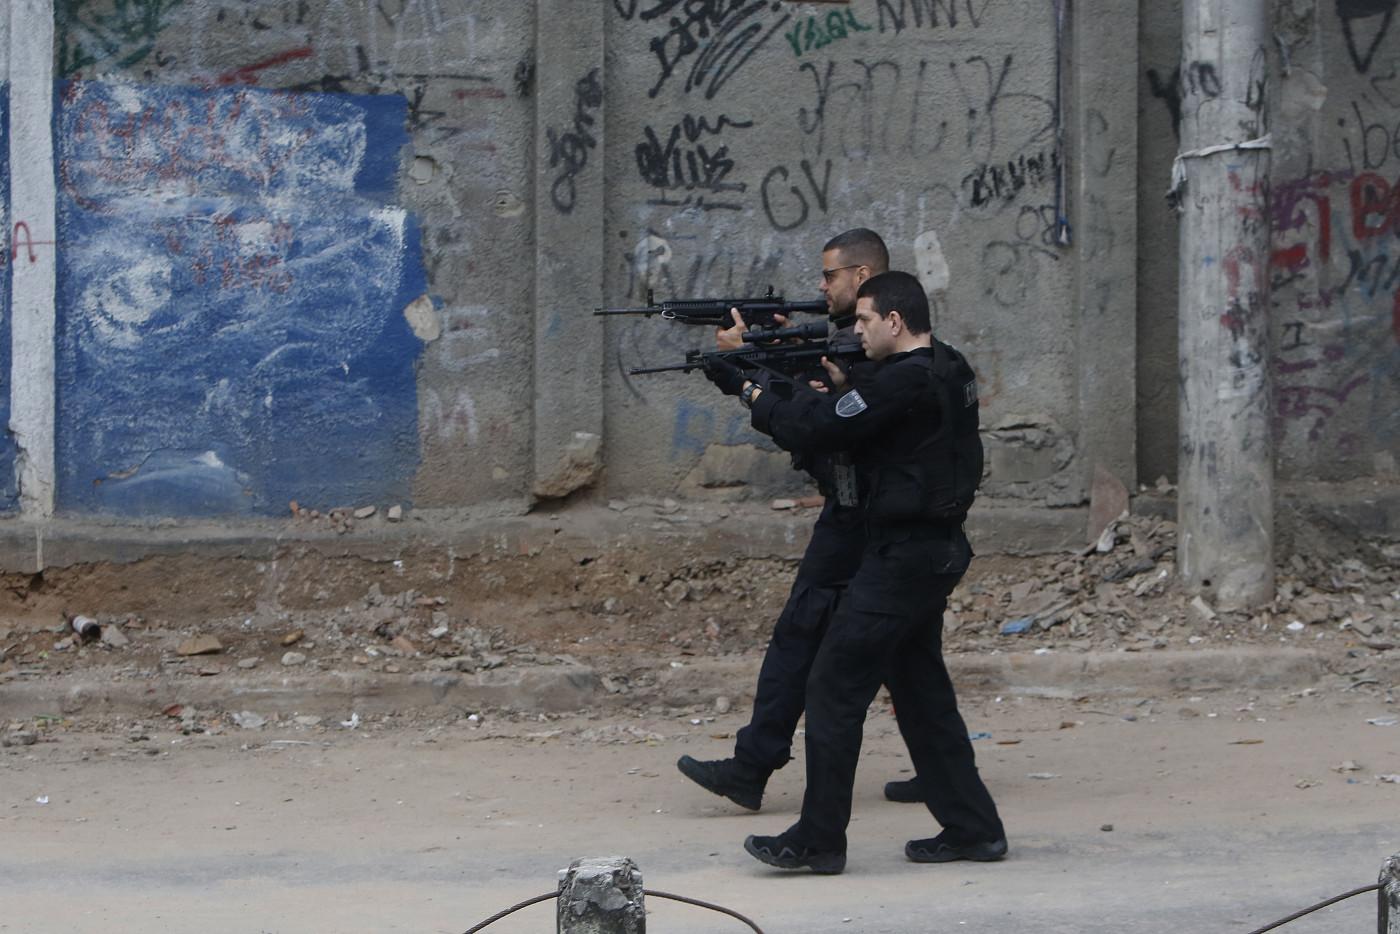 dois policiais com fardas pretas apontando armas